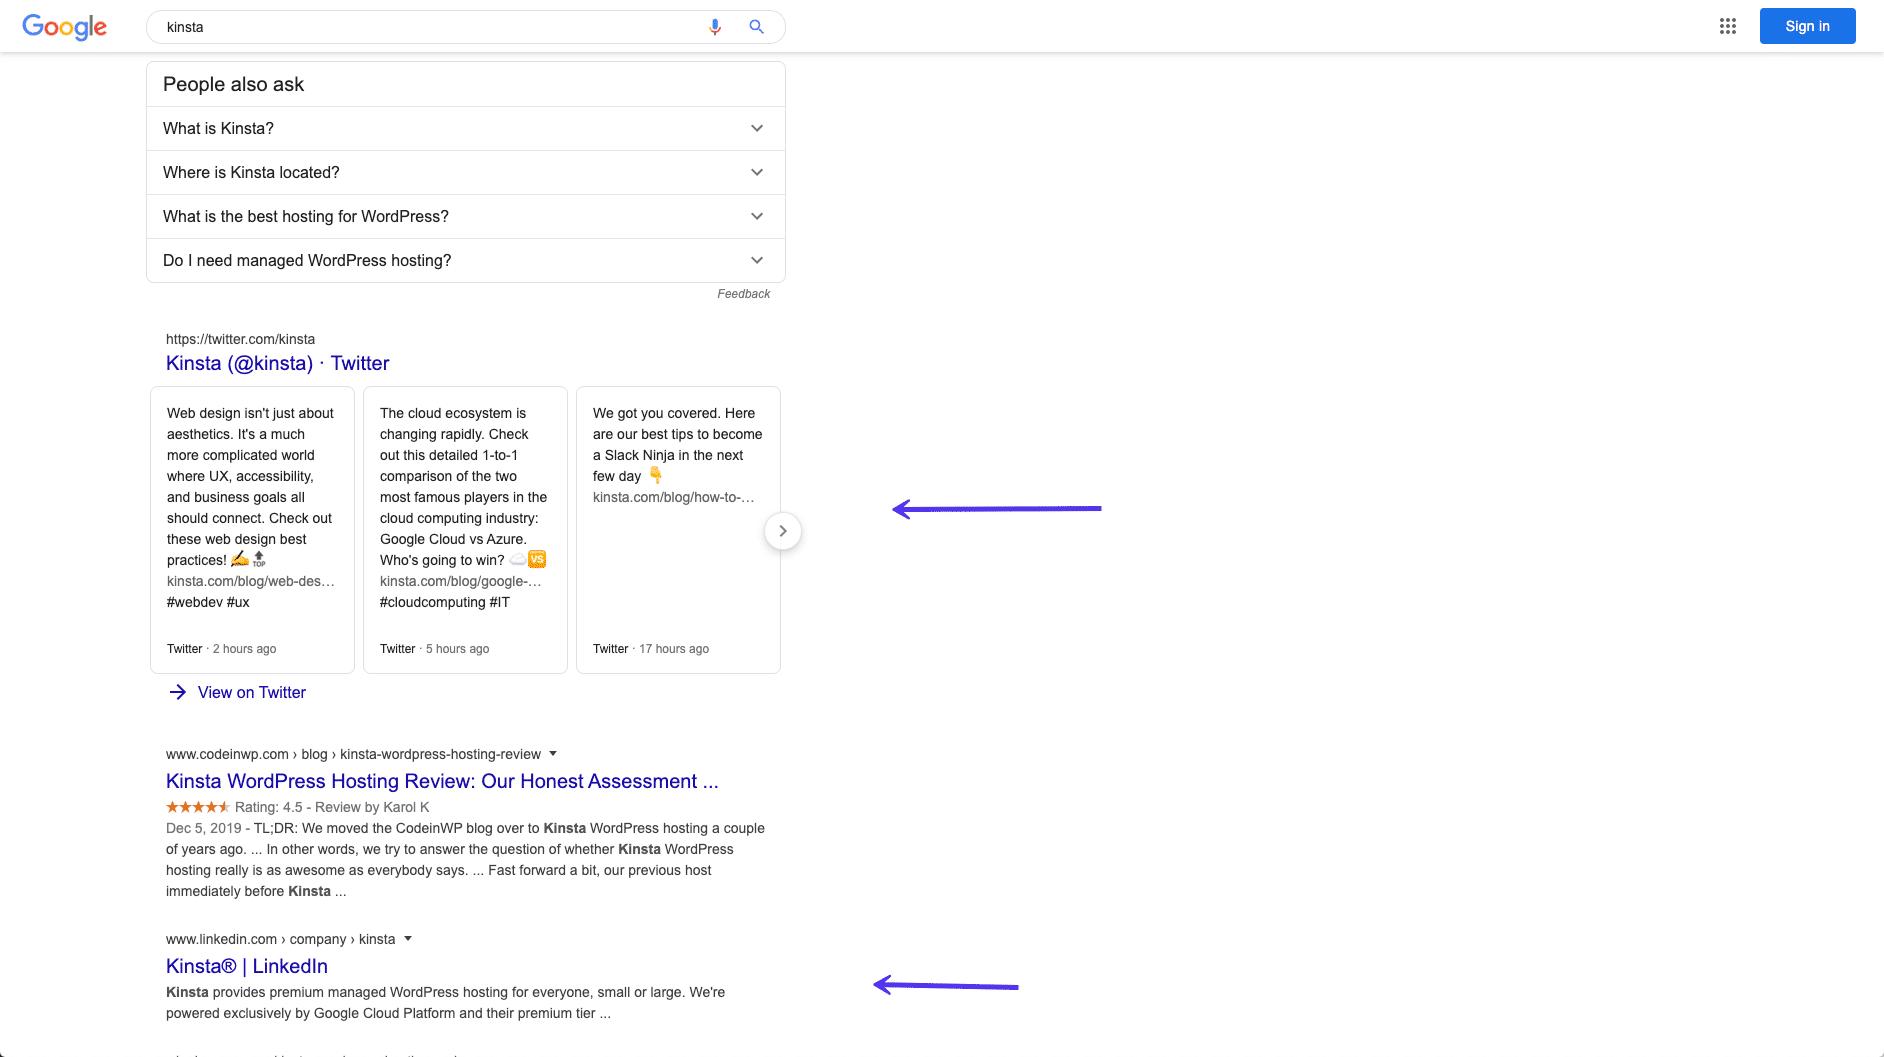 El ranking de perfiles de medios sociales de Kinsta en Google